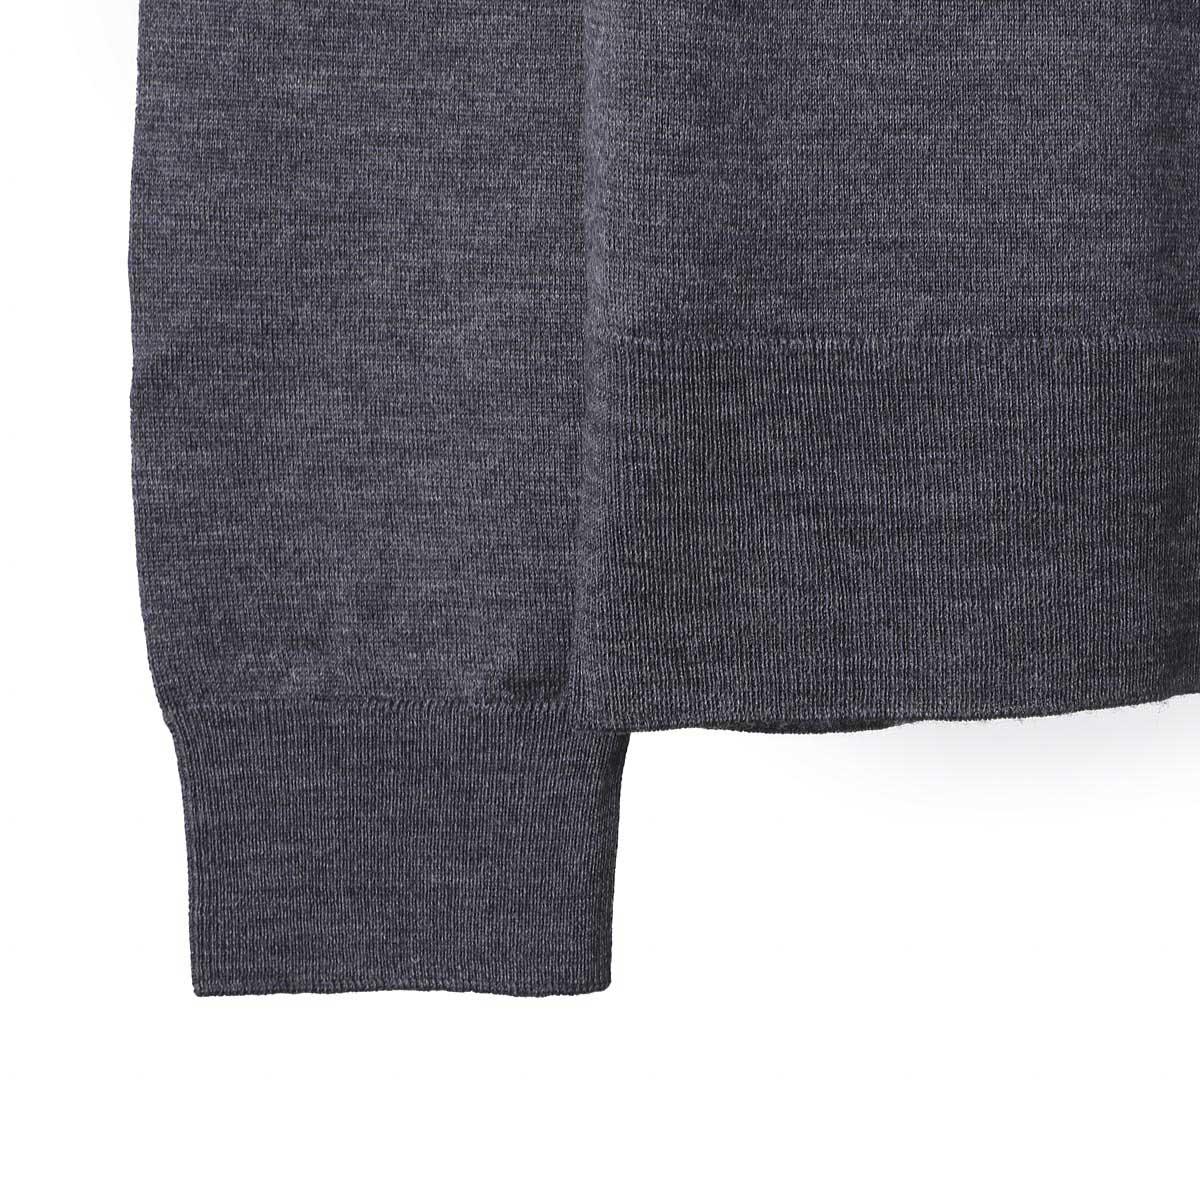 【タイムセール TOPS】JOHN SMEDLEY ジョンスメドレー 長袖 ポロシャツ/BELPER ベルパー 30ゲージ メンズ